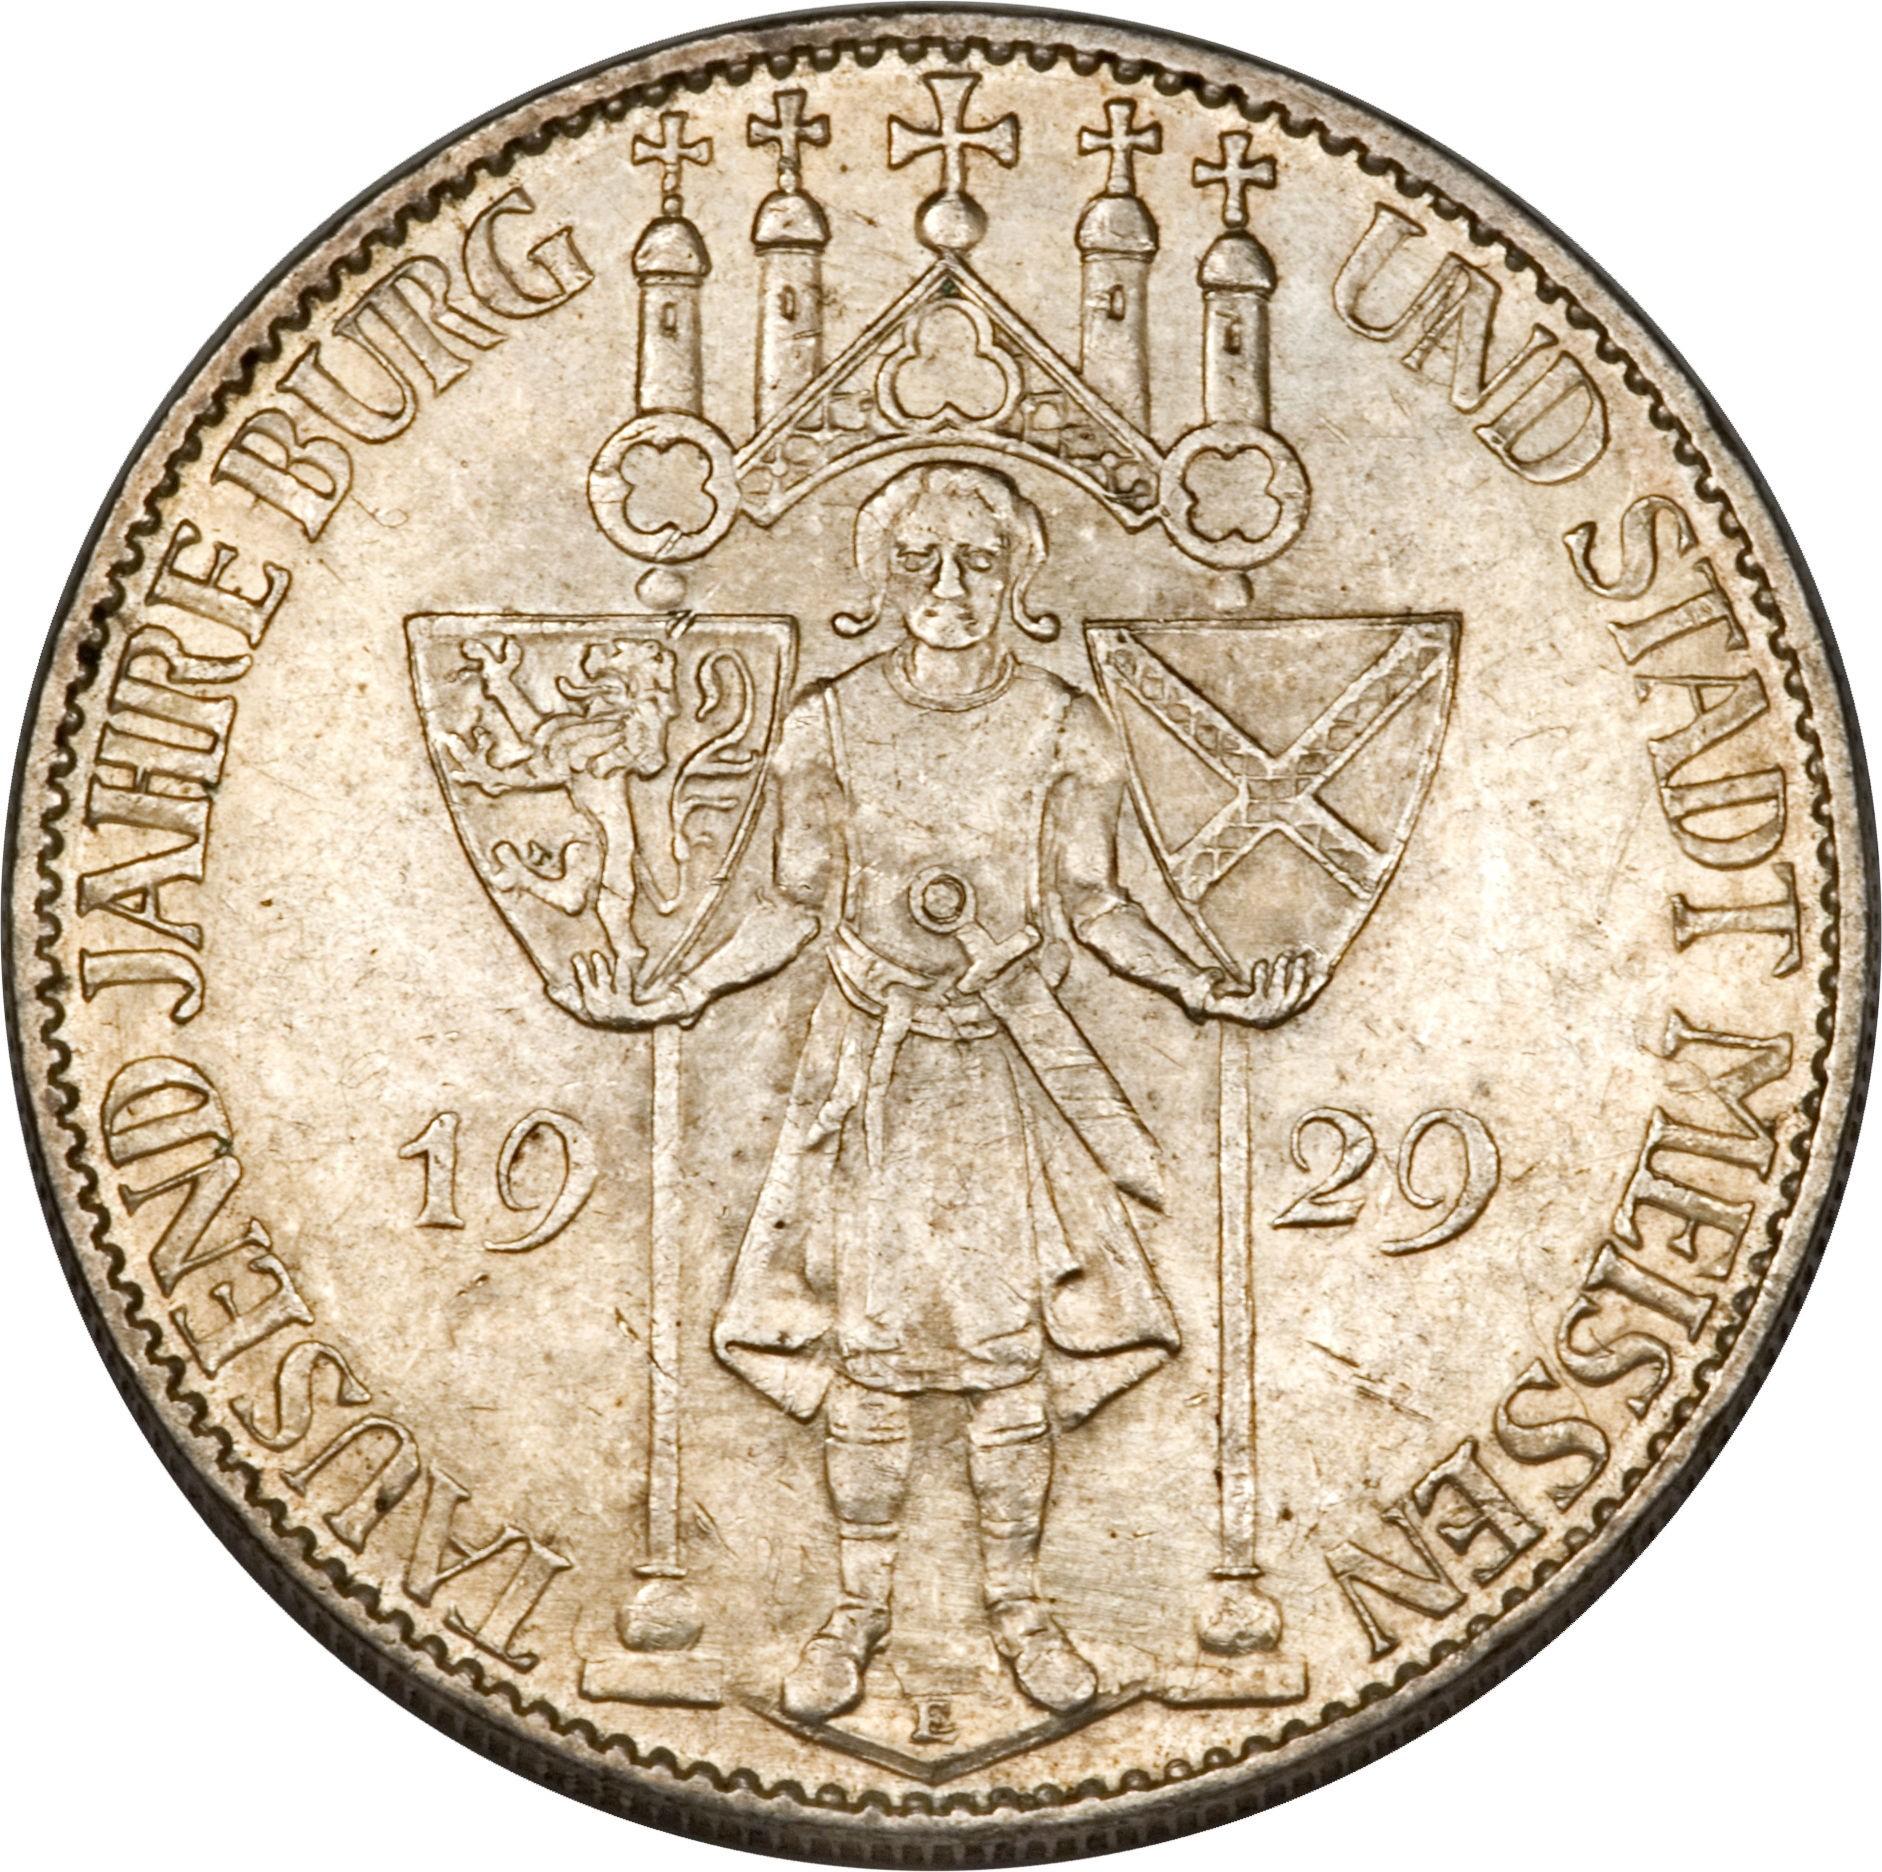 Germany 5 Reichsmark (1929 Meissen)